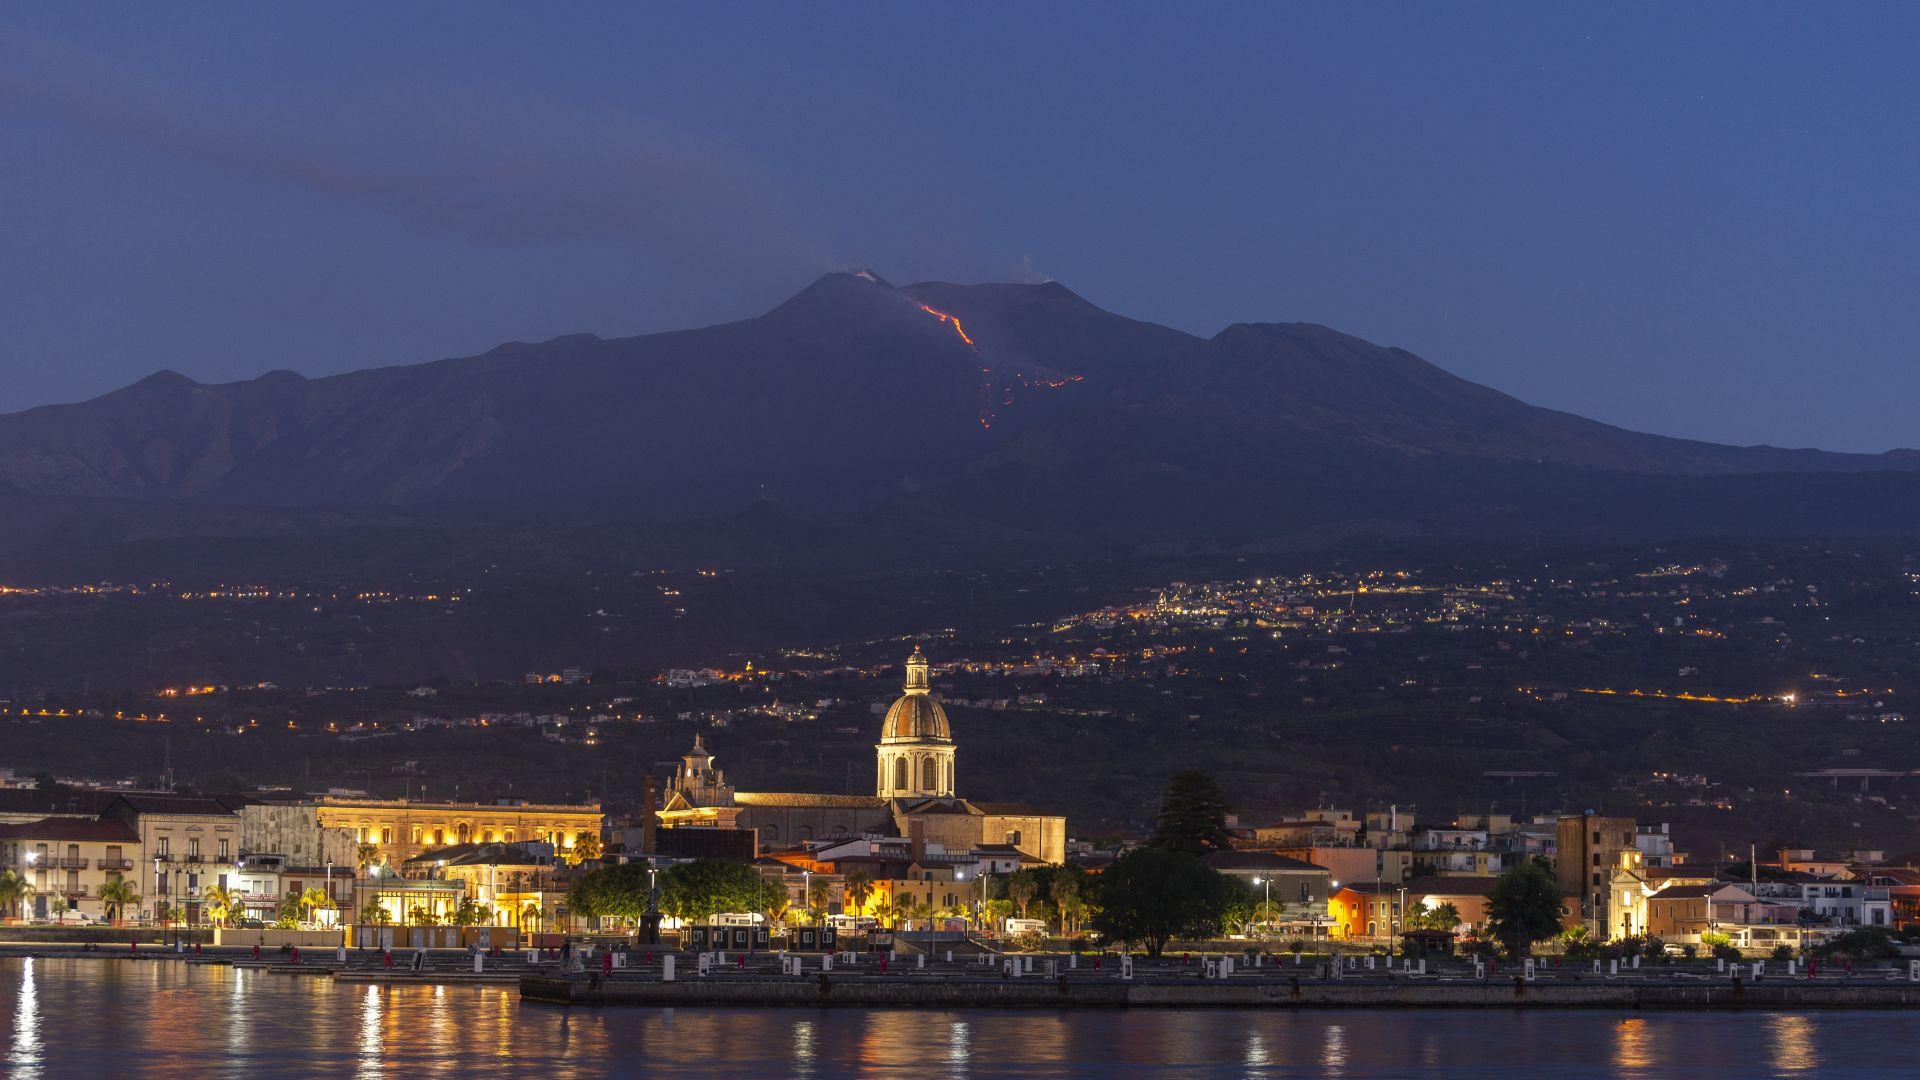 Сицилианският вулкан Етна изригна тази нощ, предаде Франс прес. Лава